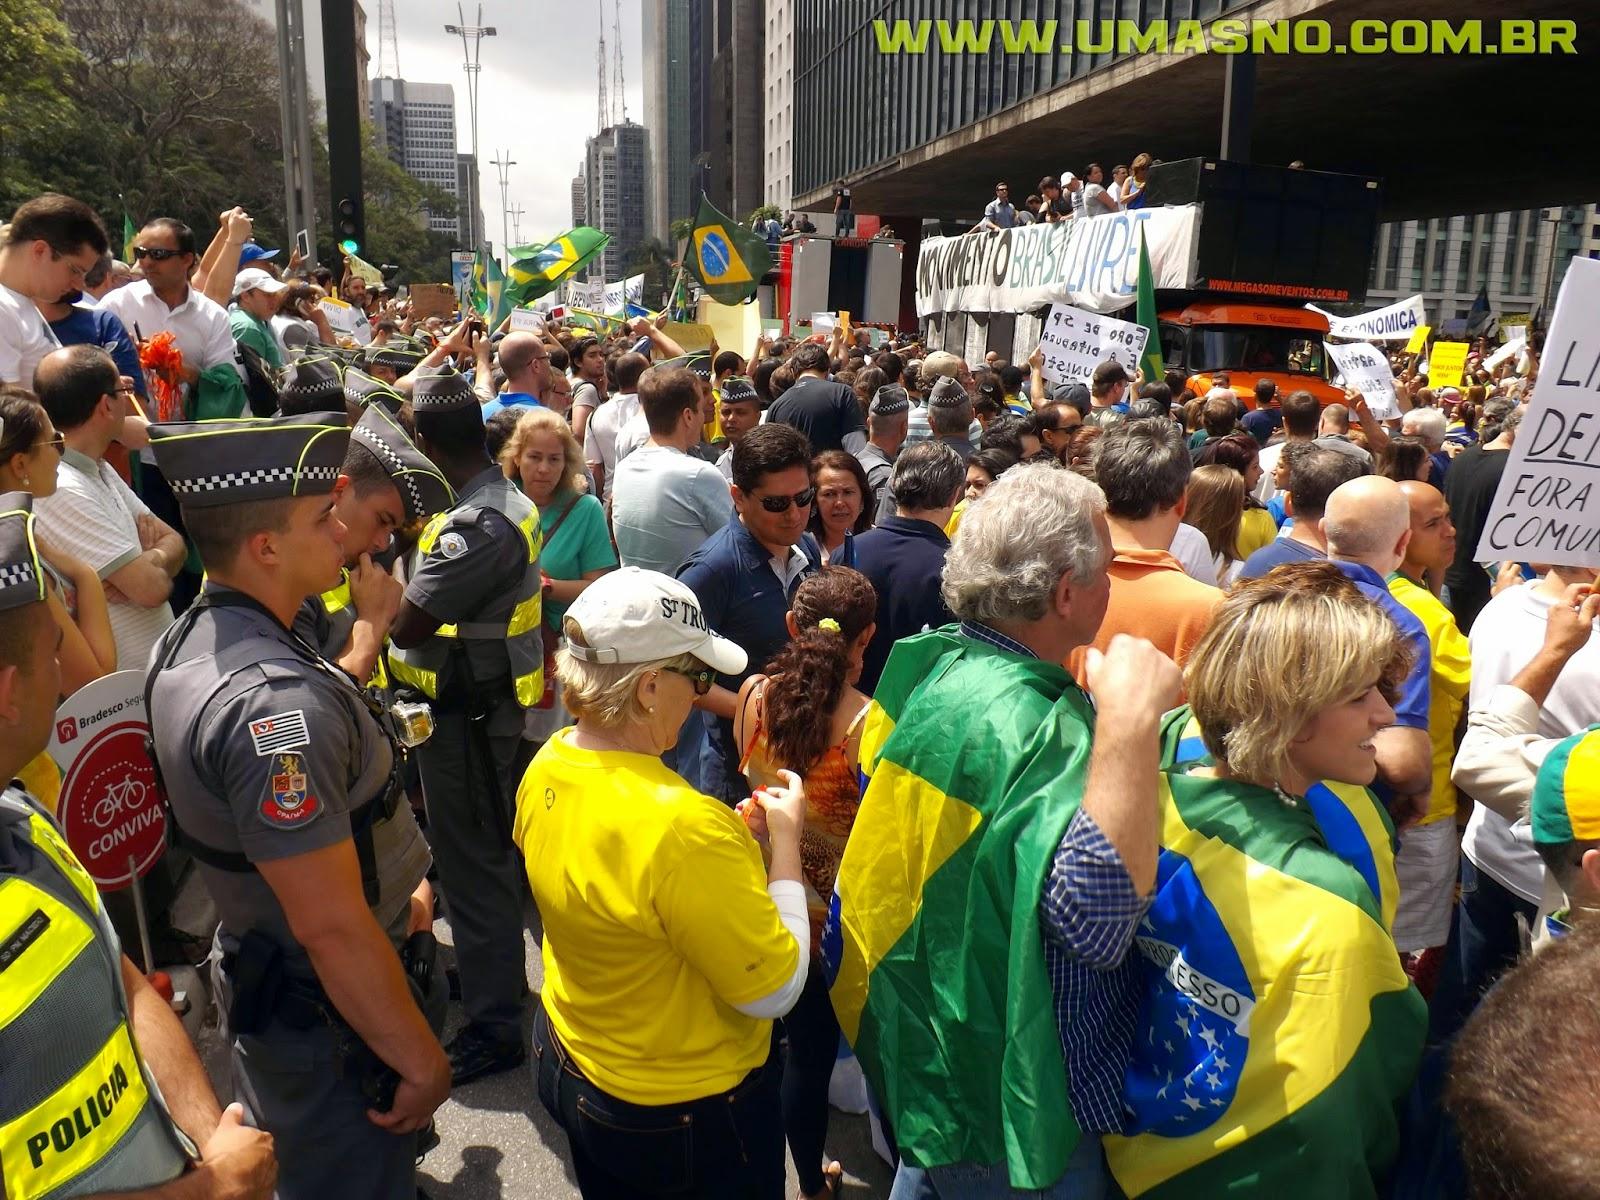 Manifestação em frente ao MASP - Um Asno